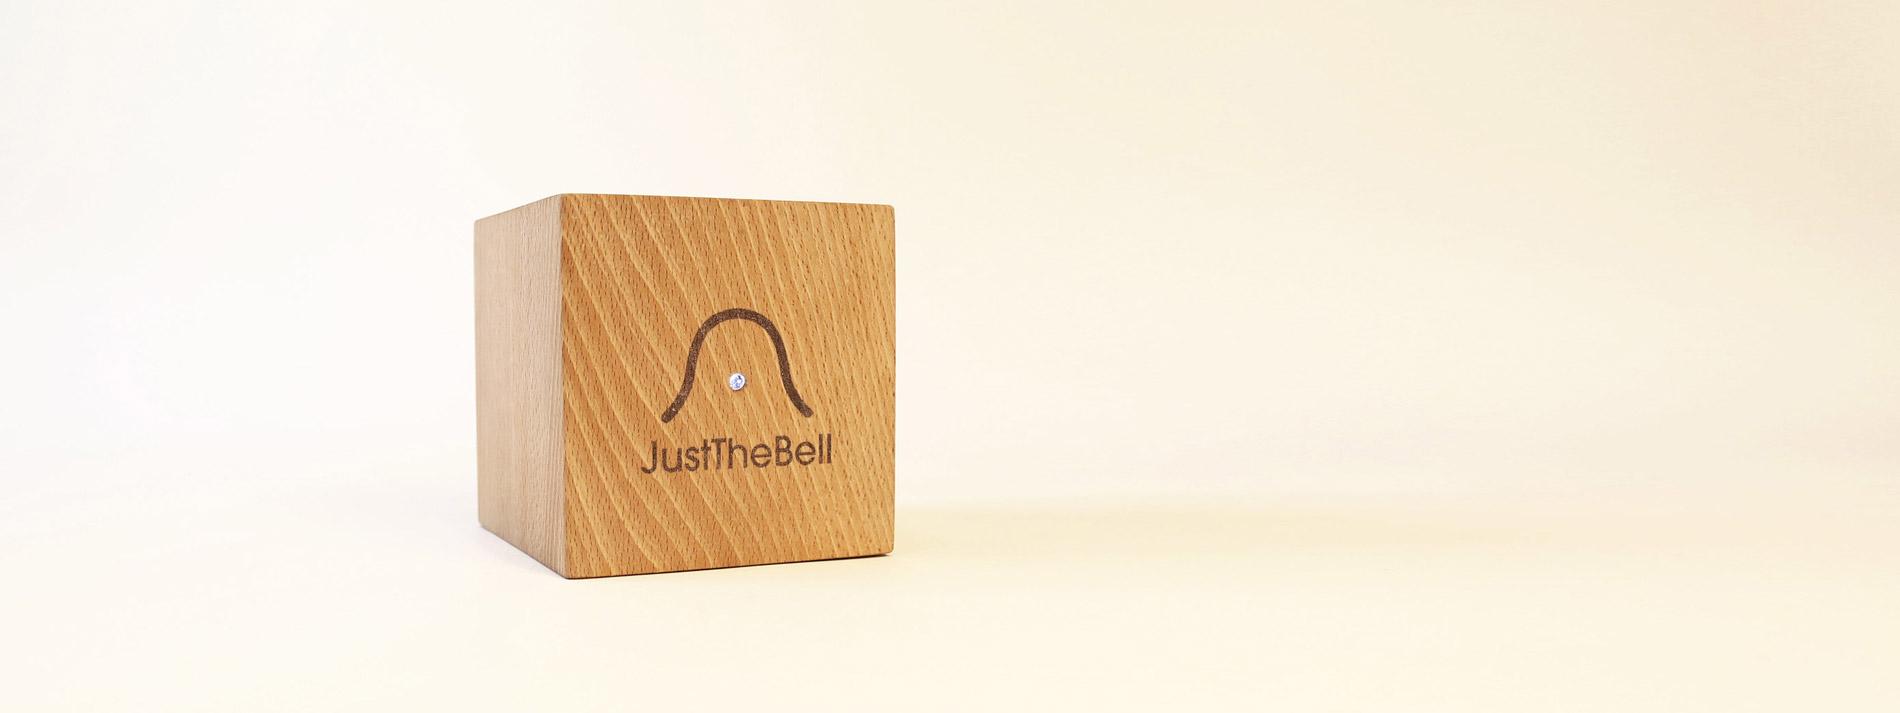 justthebell le r veil en bois connect. Black Bedroom Furniture Sets. Home Design Ideas